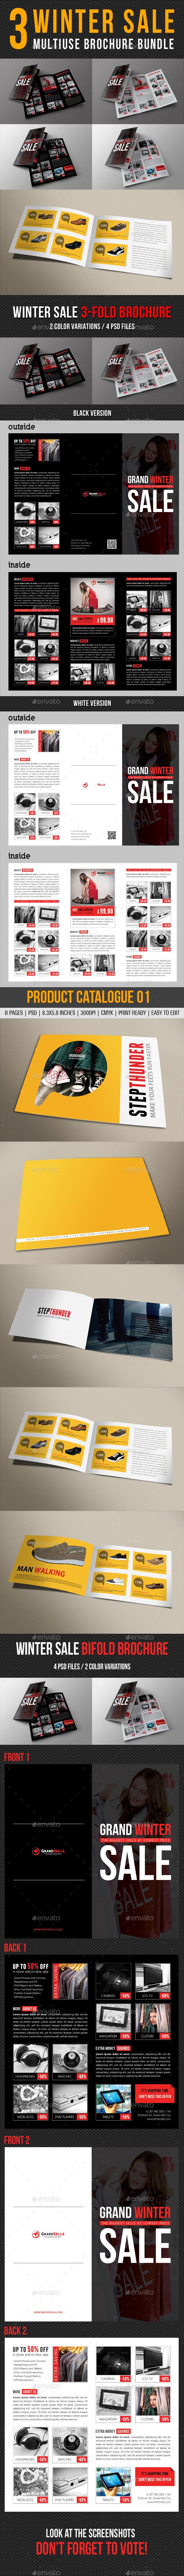 3 in 1 Winter Sale Multiuse Brochure Bundle - Corporate Brochures